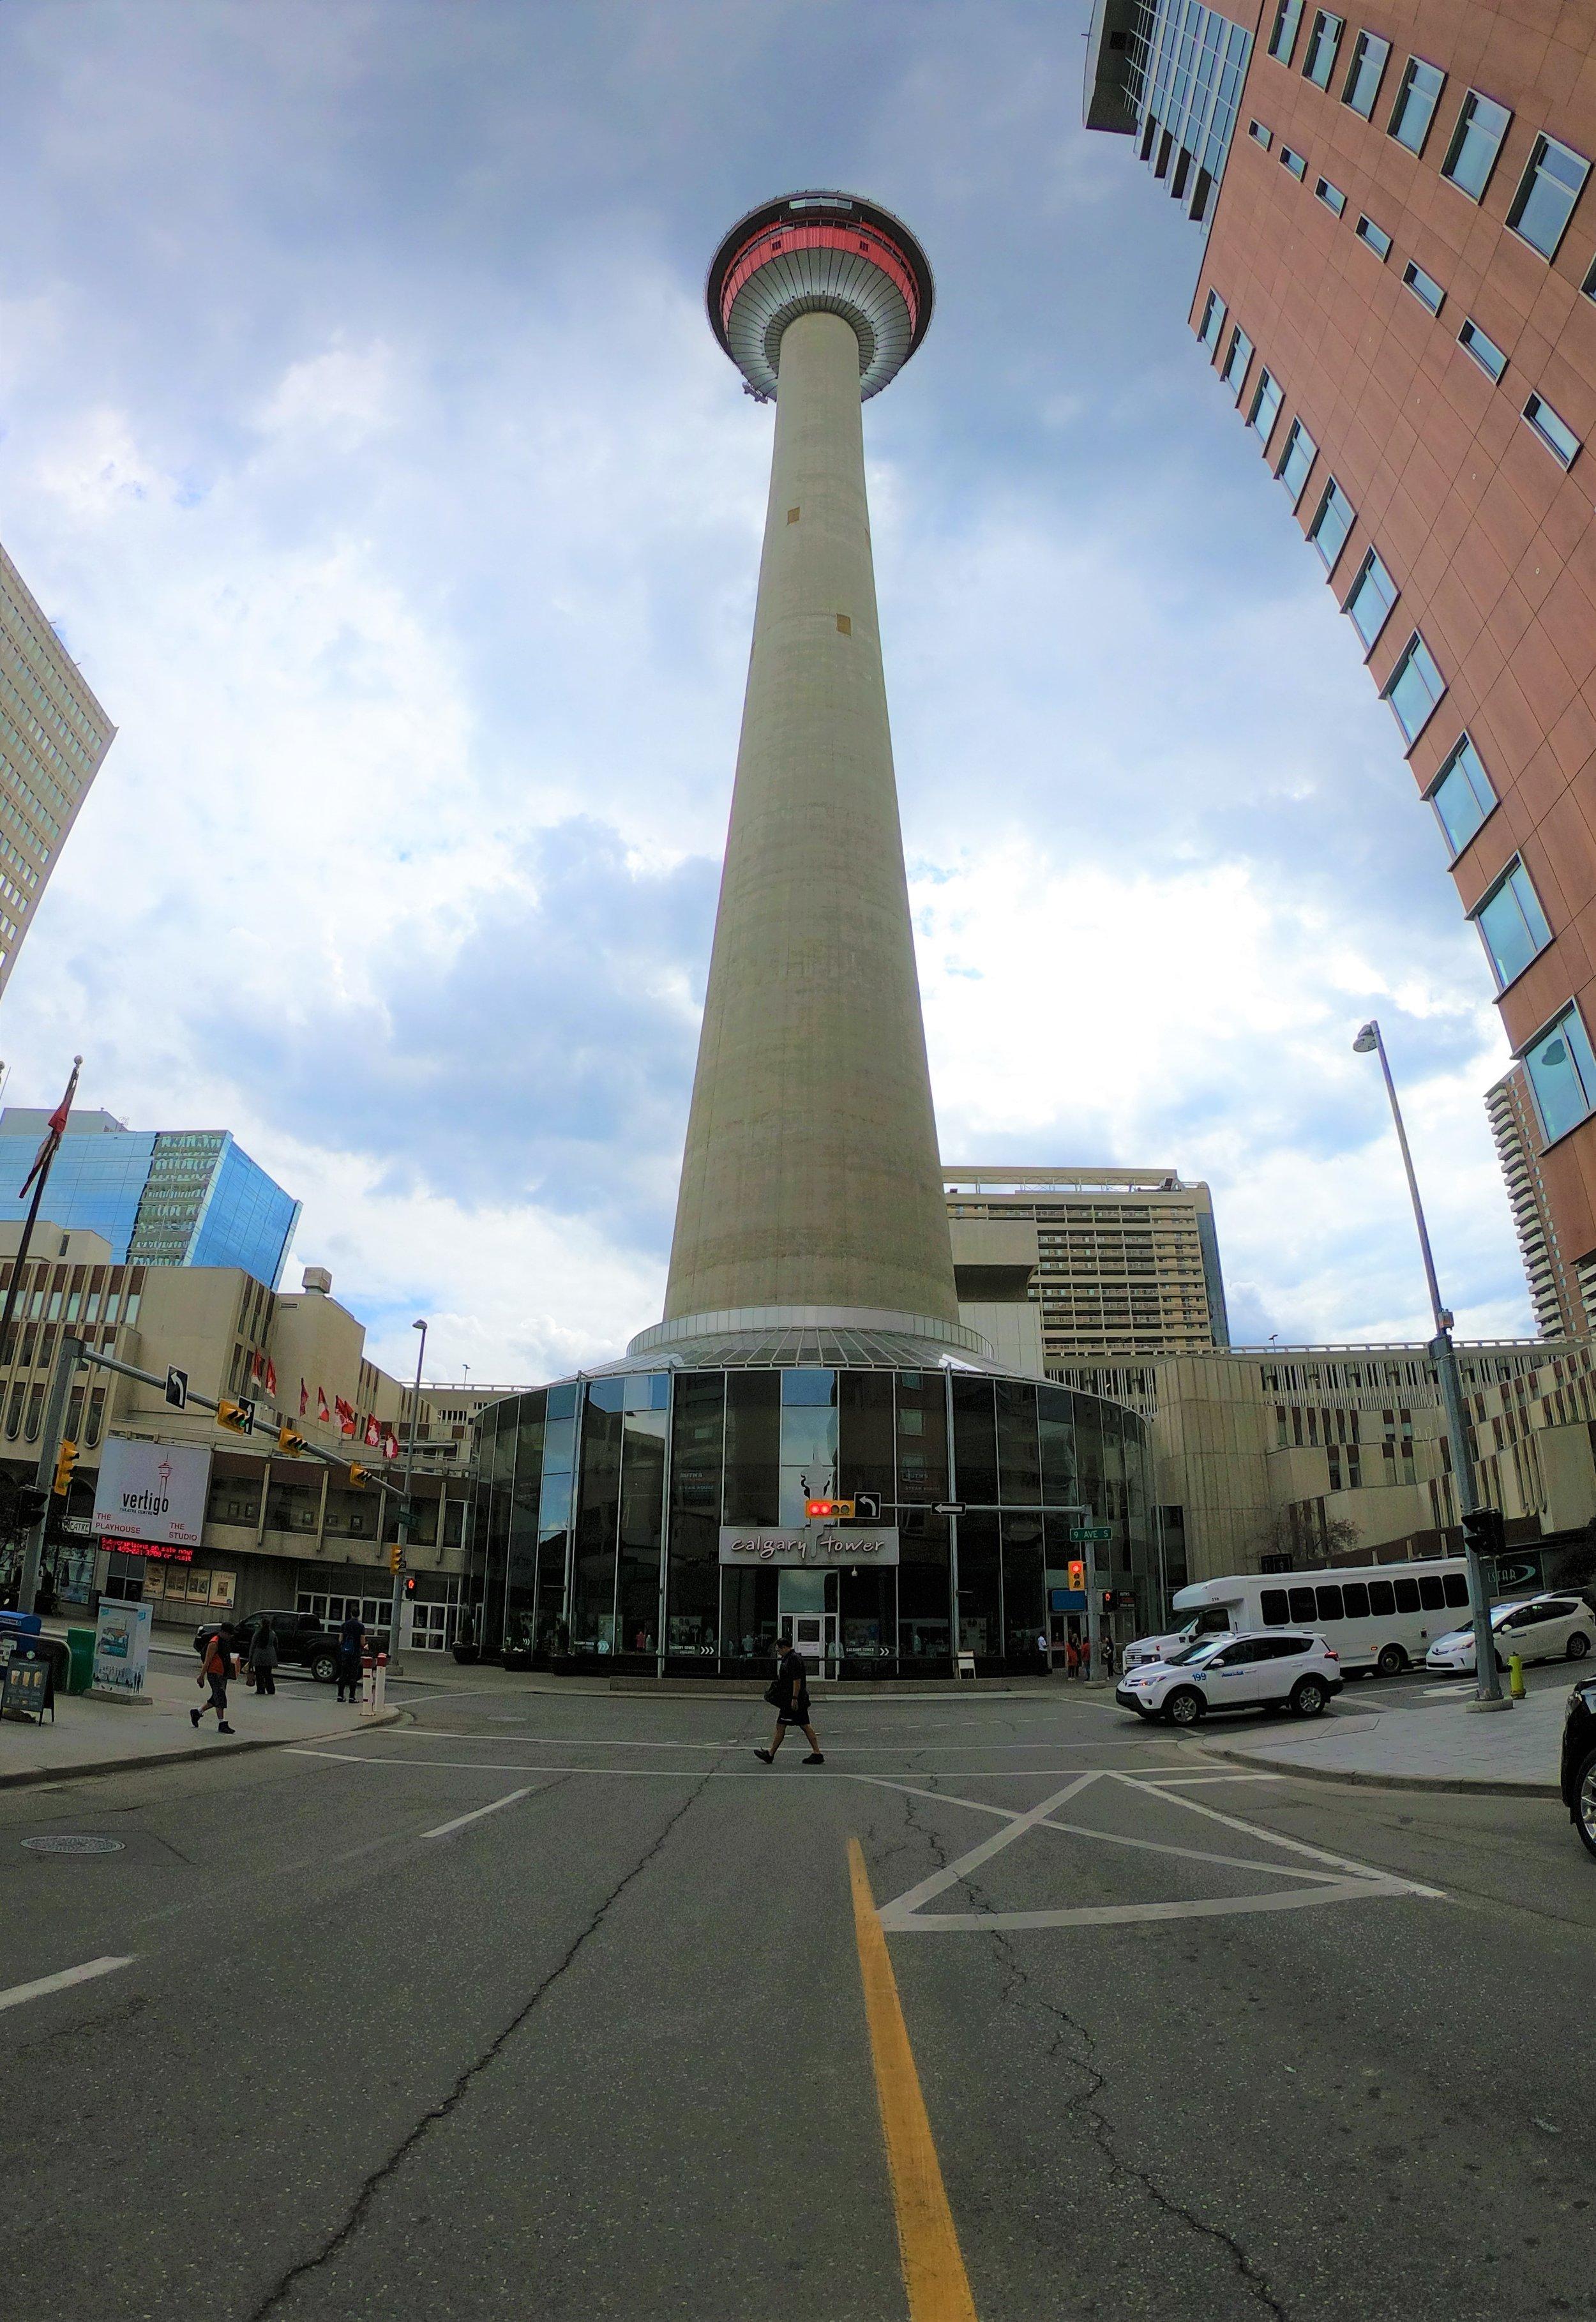 Calgary Tower in Calgary, Alberta, Canada